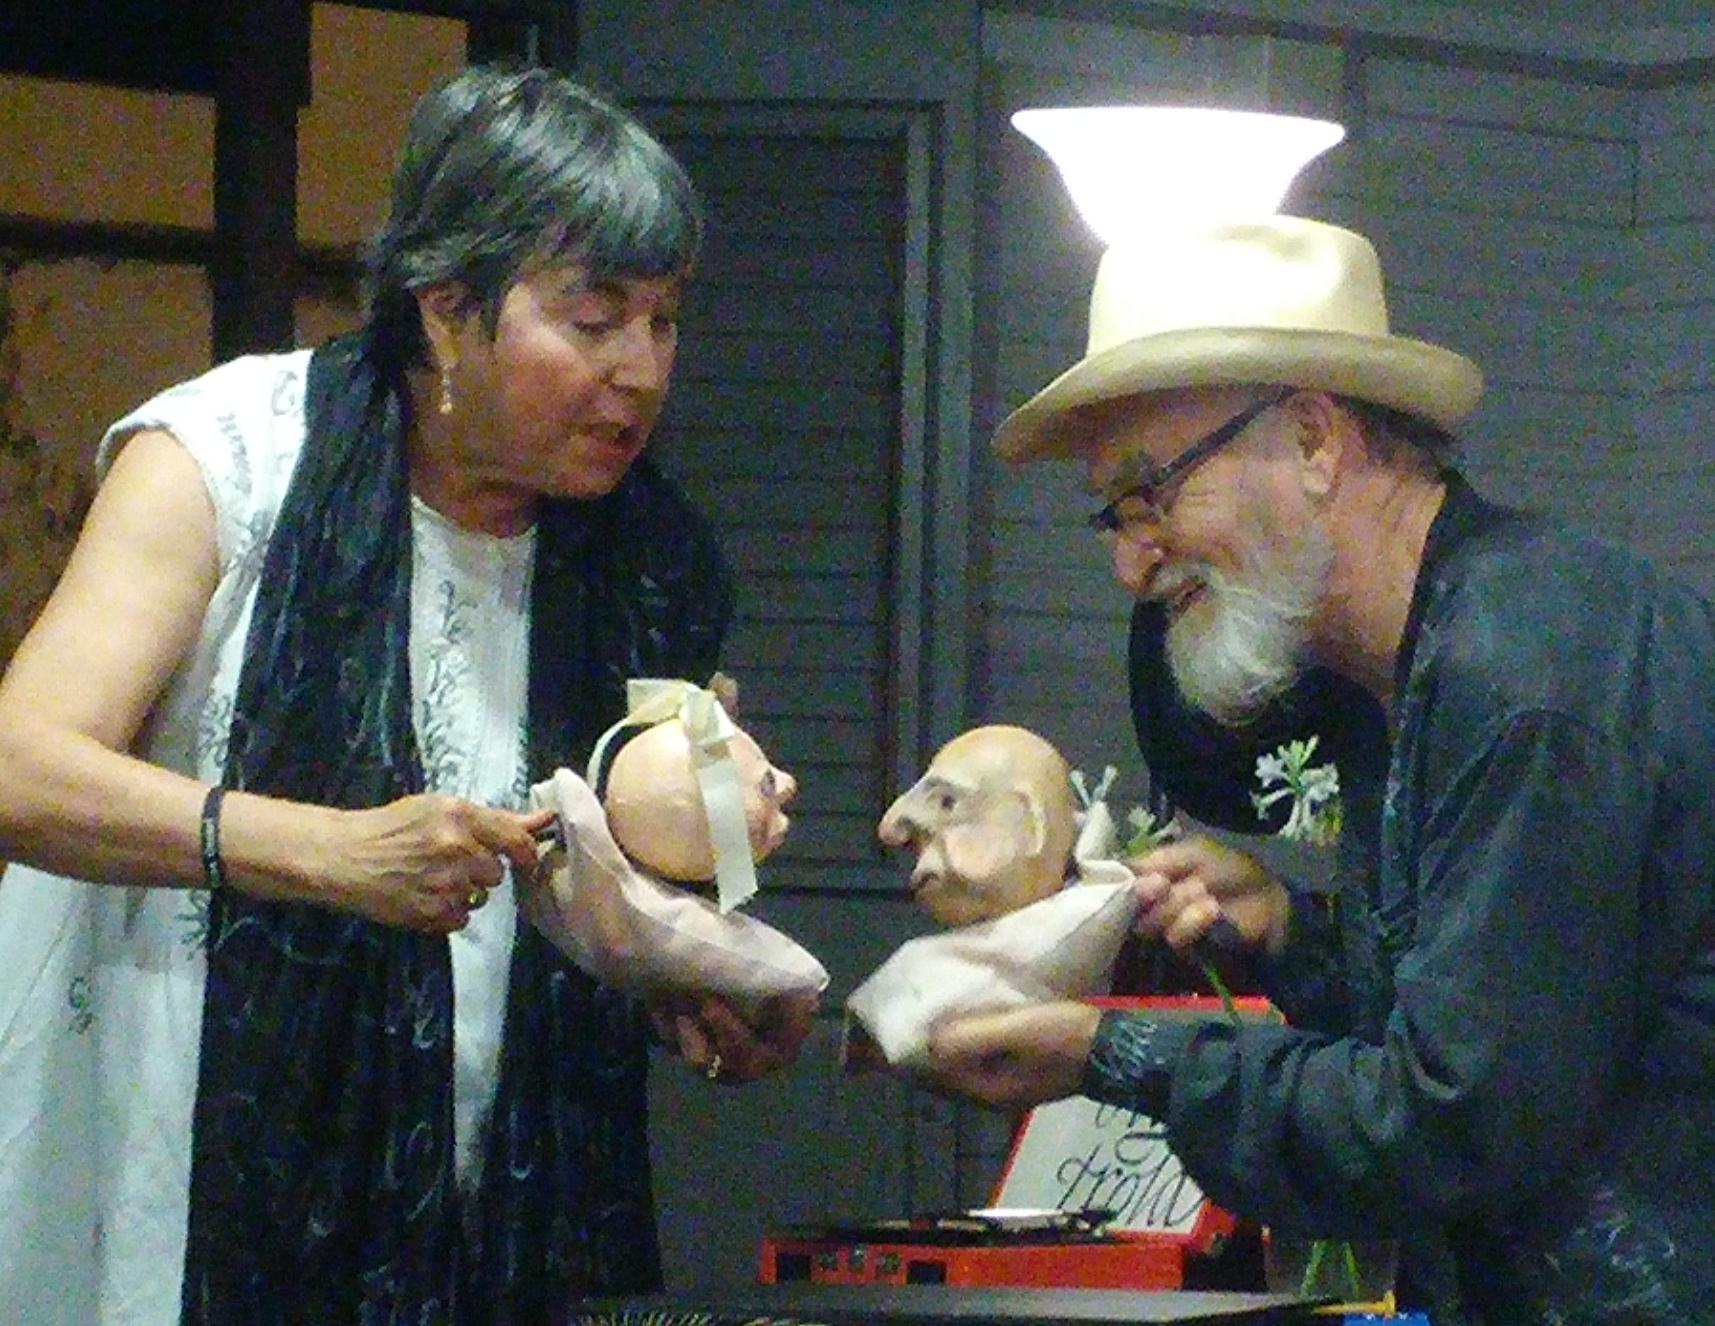 Los títeres Vevé y Viejo fueron realizados por Deborah Hunt. (Foto por Gabriela Ortiz)